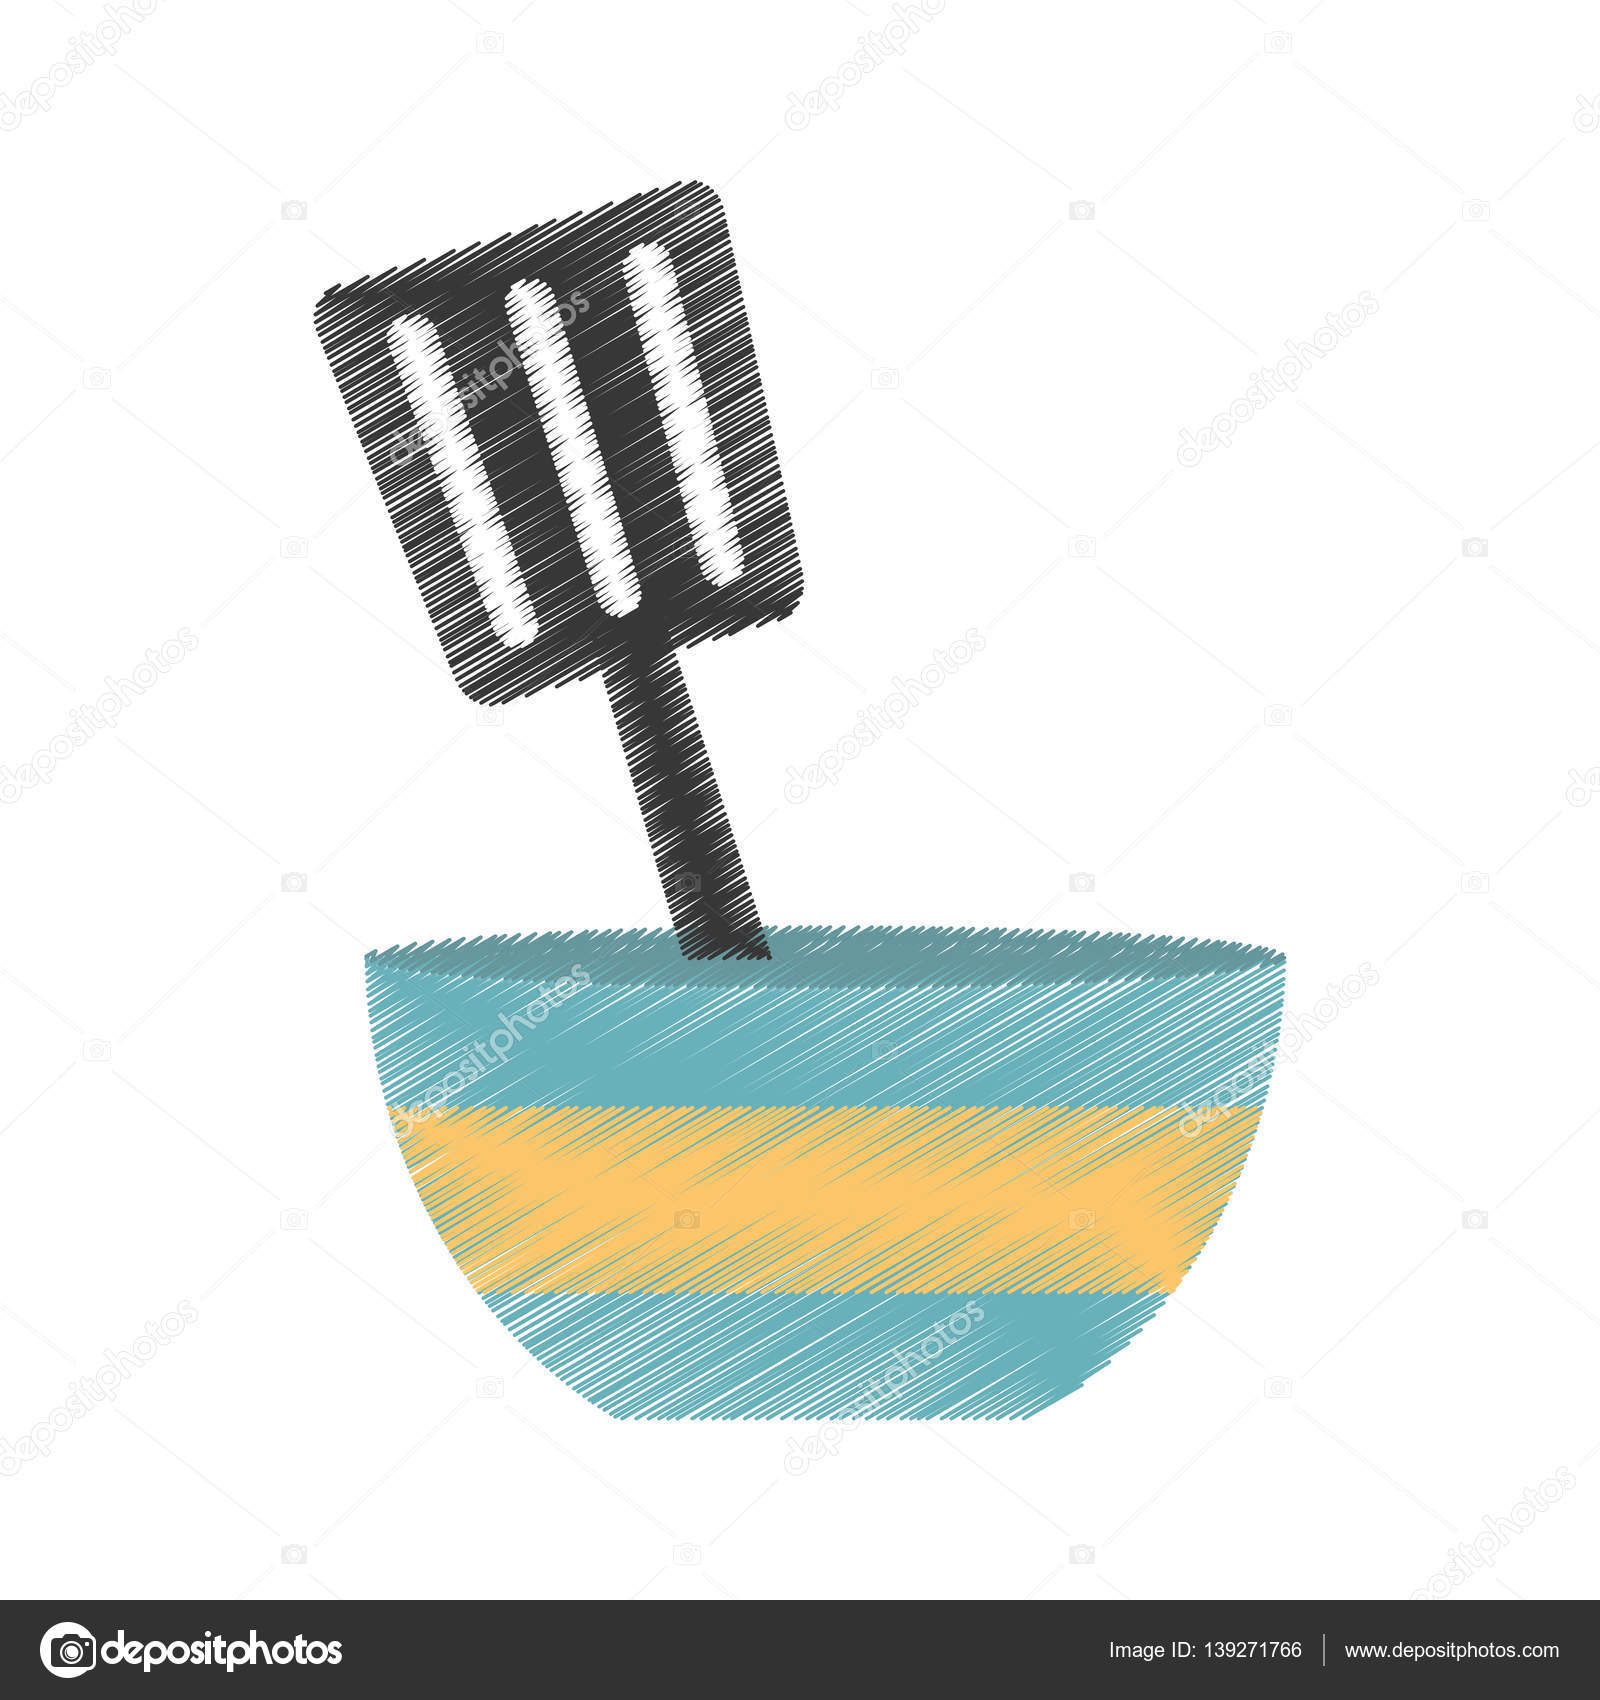 blaue und gelbe Schüssel Spatel Utensil Küche zeichnen — Stockvektor ...